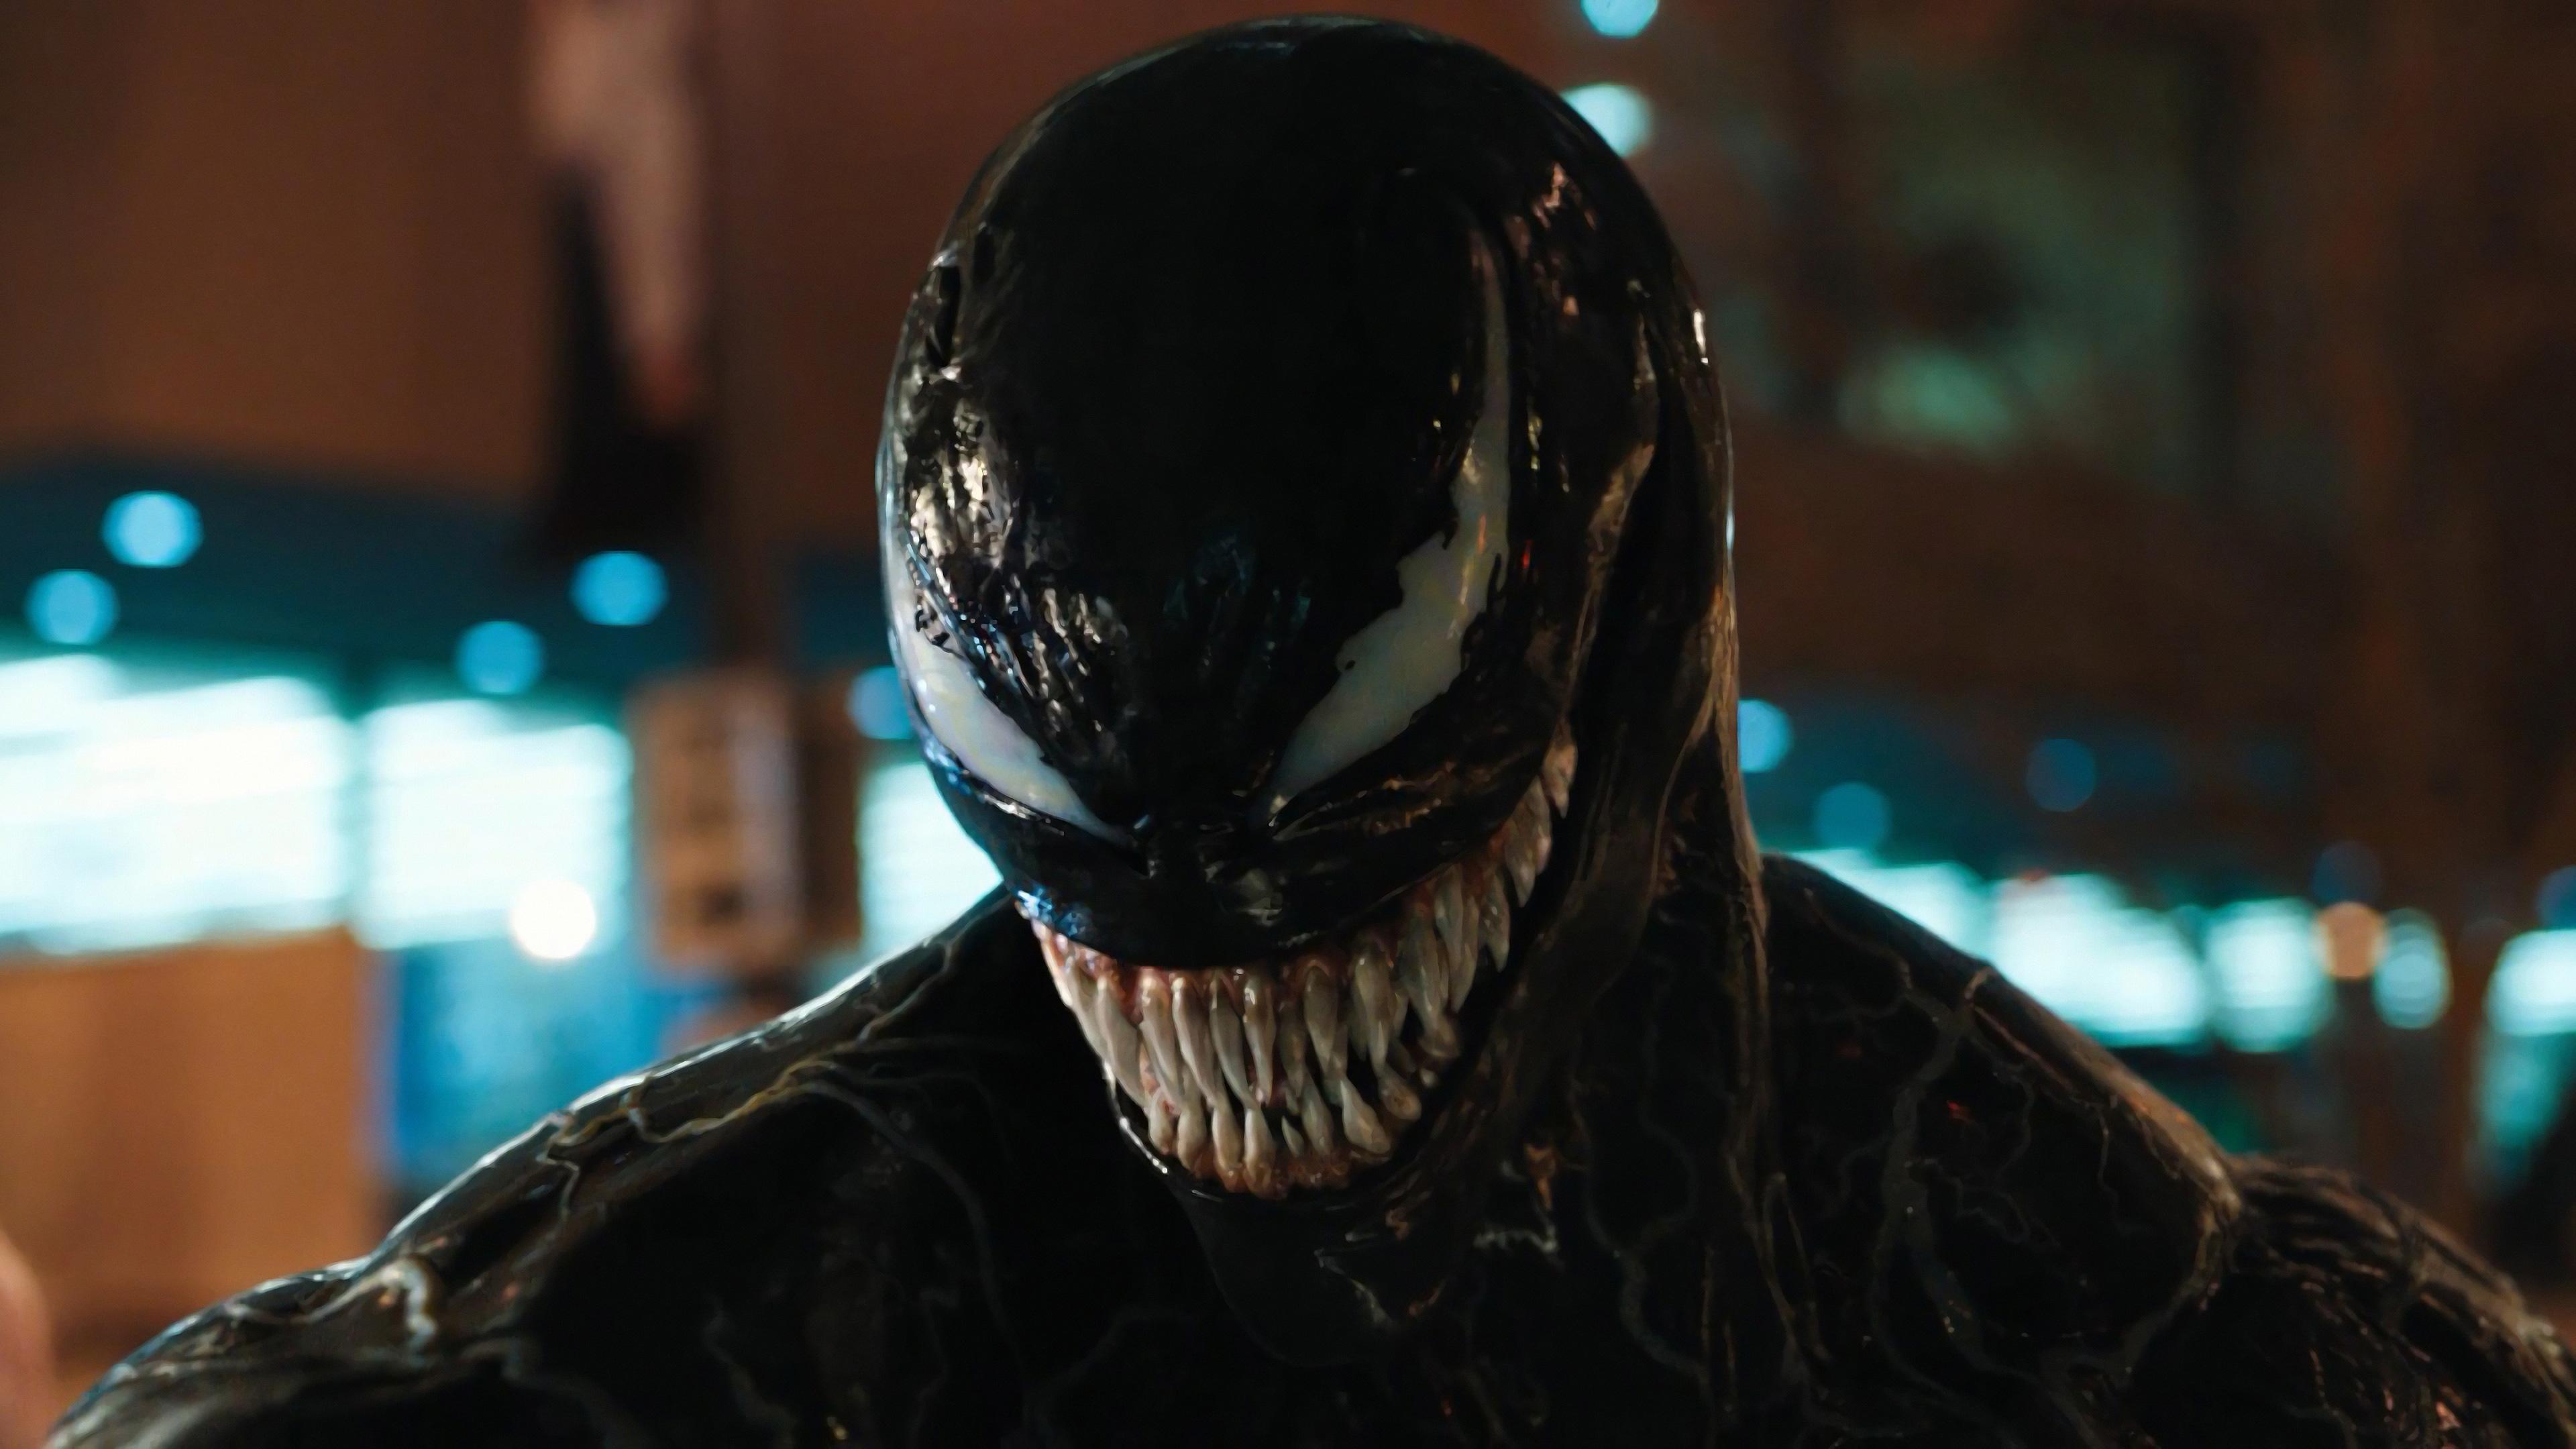 Wallpaper Of Venom